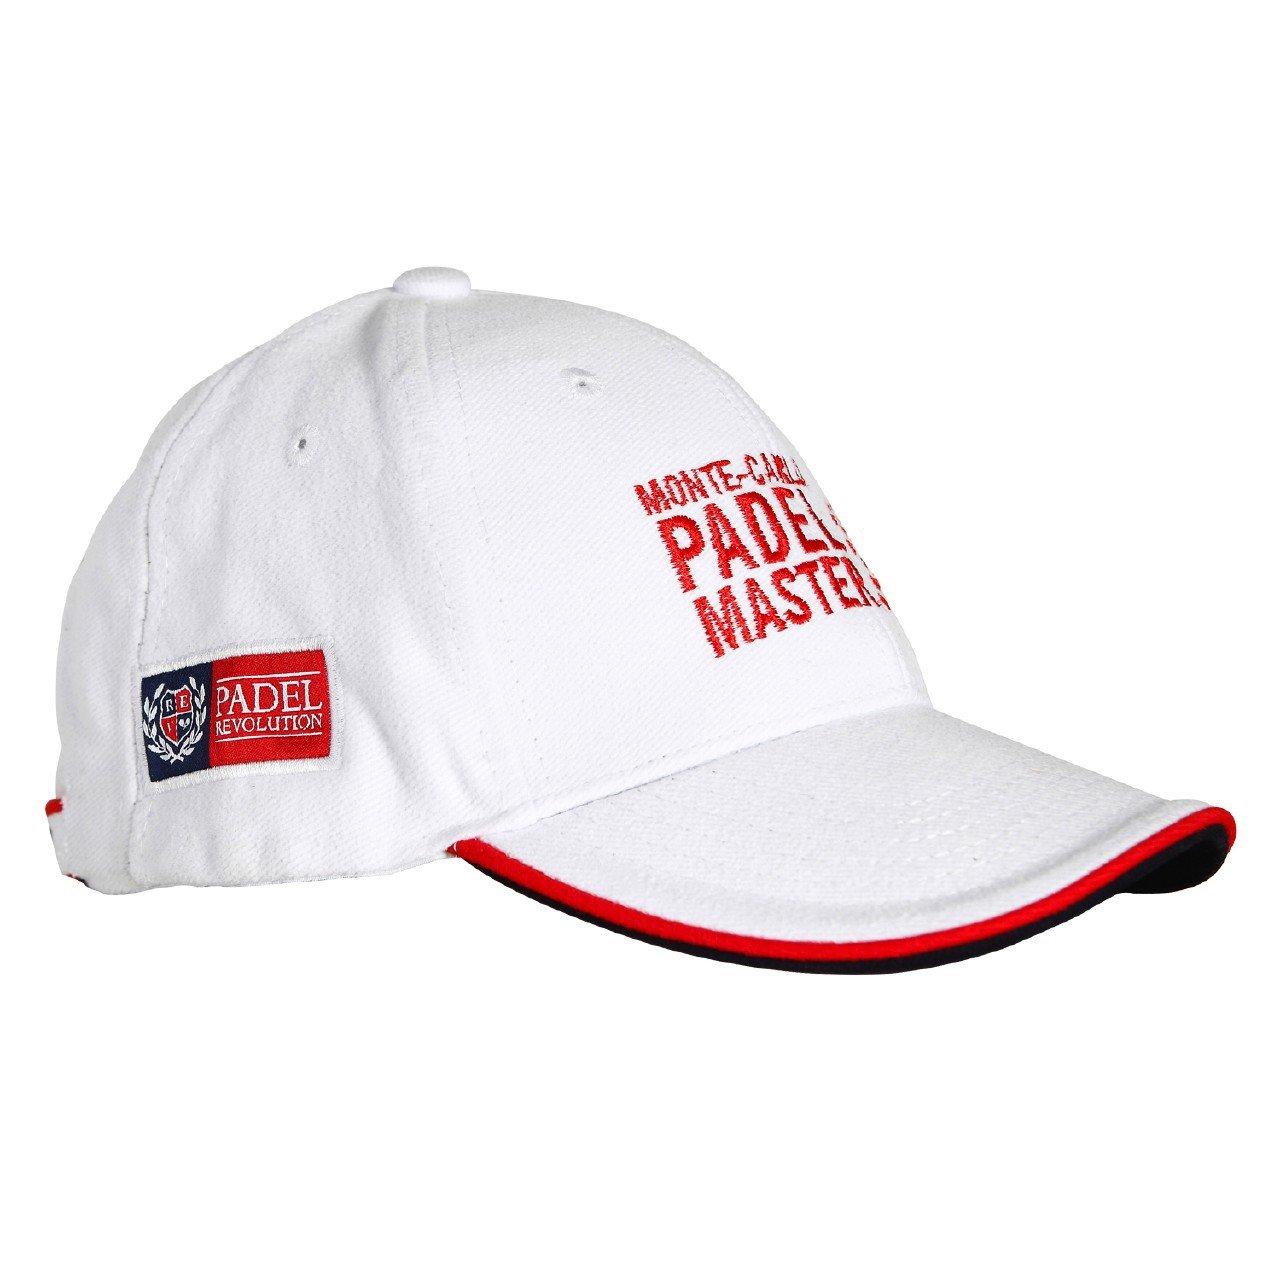 PADEL REVOLUTION - Gorra Oficial Monte-Carlo Padel Master Color ...